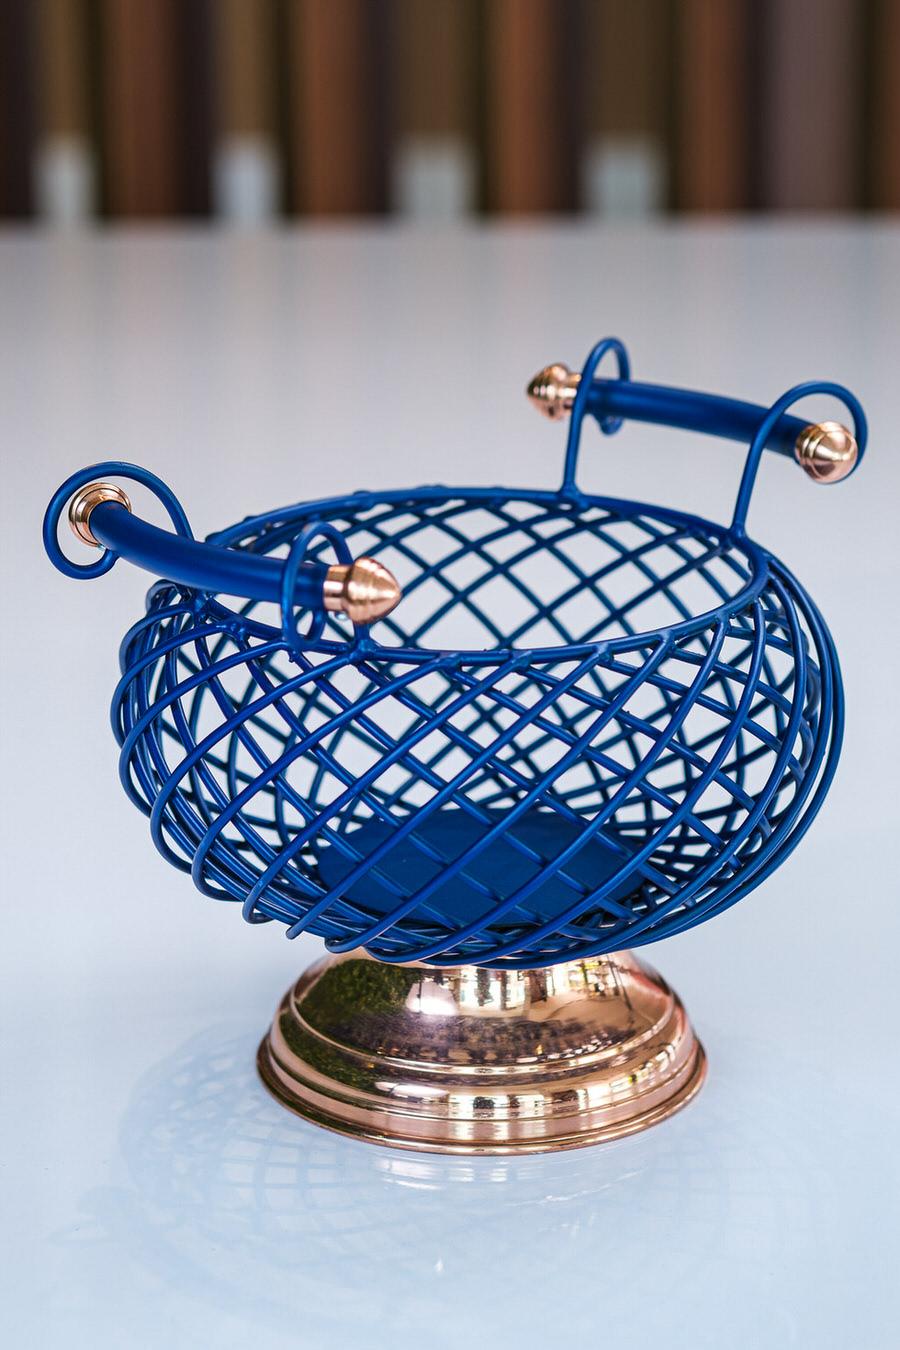 Fruteira Redonda em Ferro com Base de Cobre - Azul